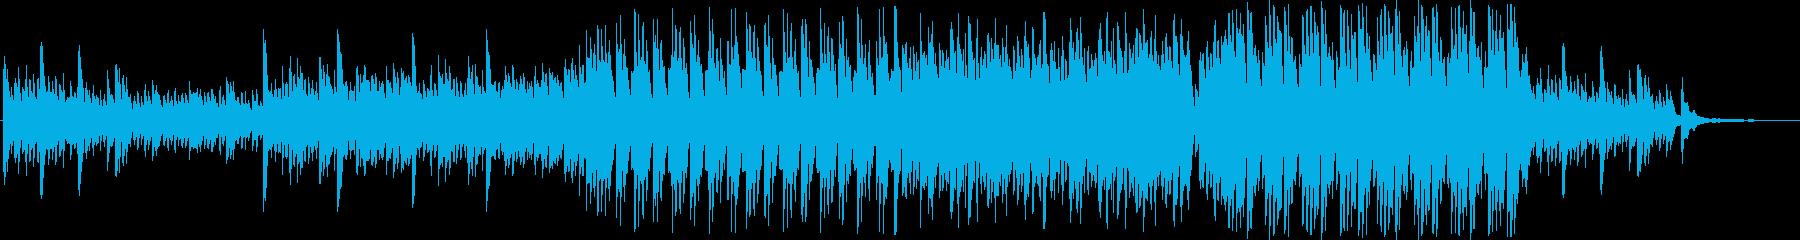 ゆったりとした雰囲気の4台ピアノ曲の再生済みの波形